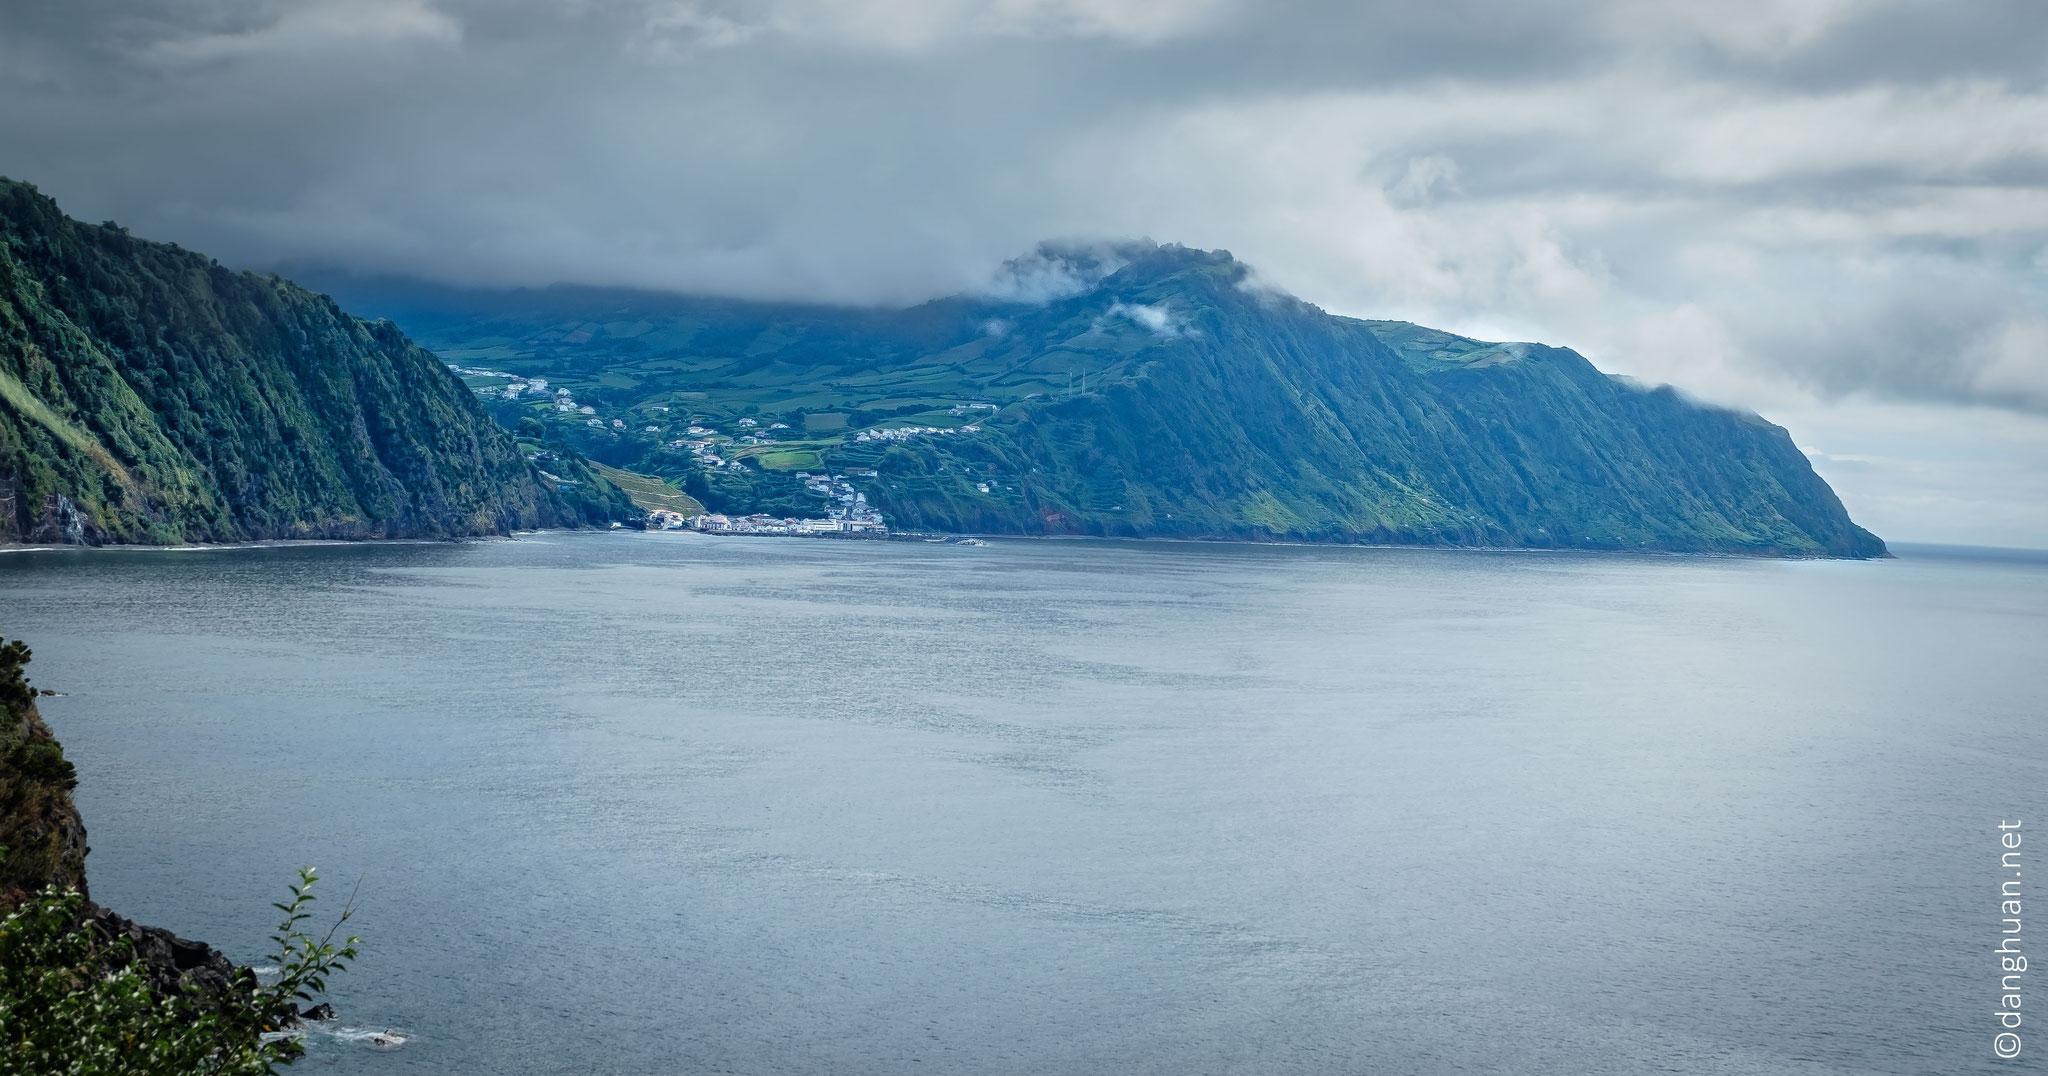 Randonnée par la côte de Povoaçao, lieu où débarquèrent les premier habitants de Sao Miguel jusqu'au village de pêcheurs de Ribeira Quente